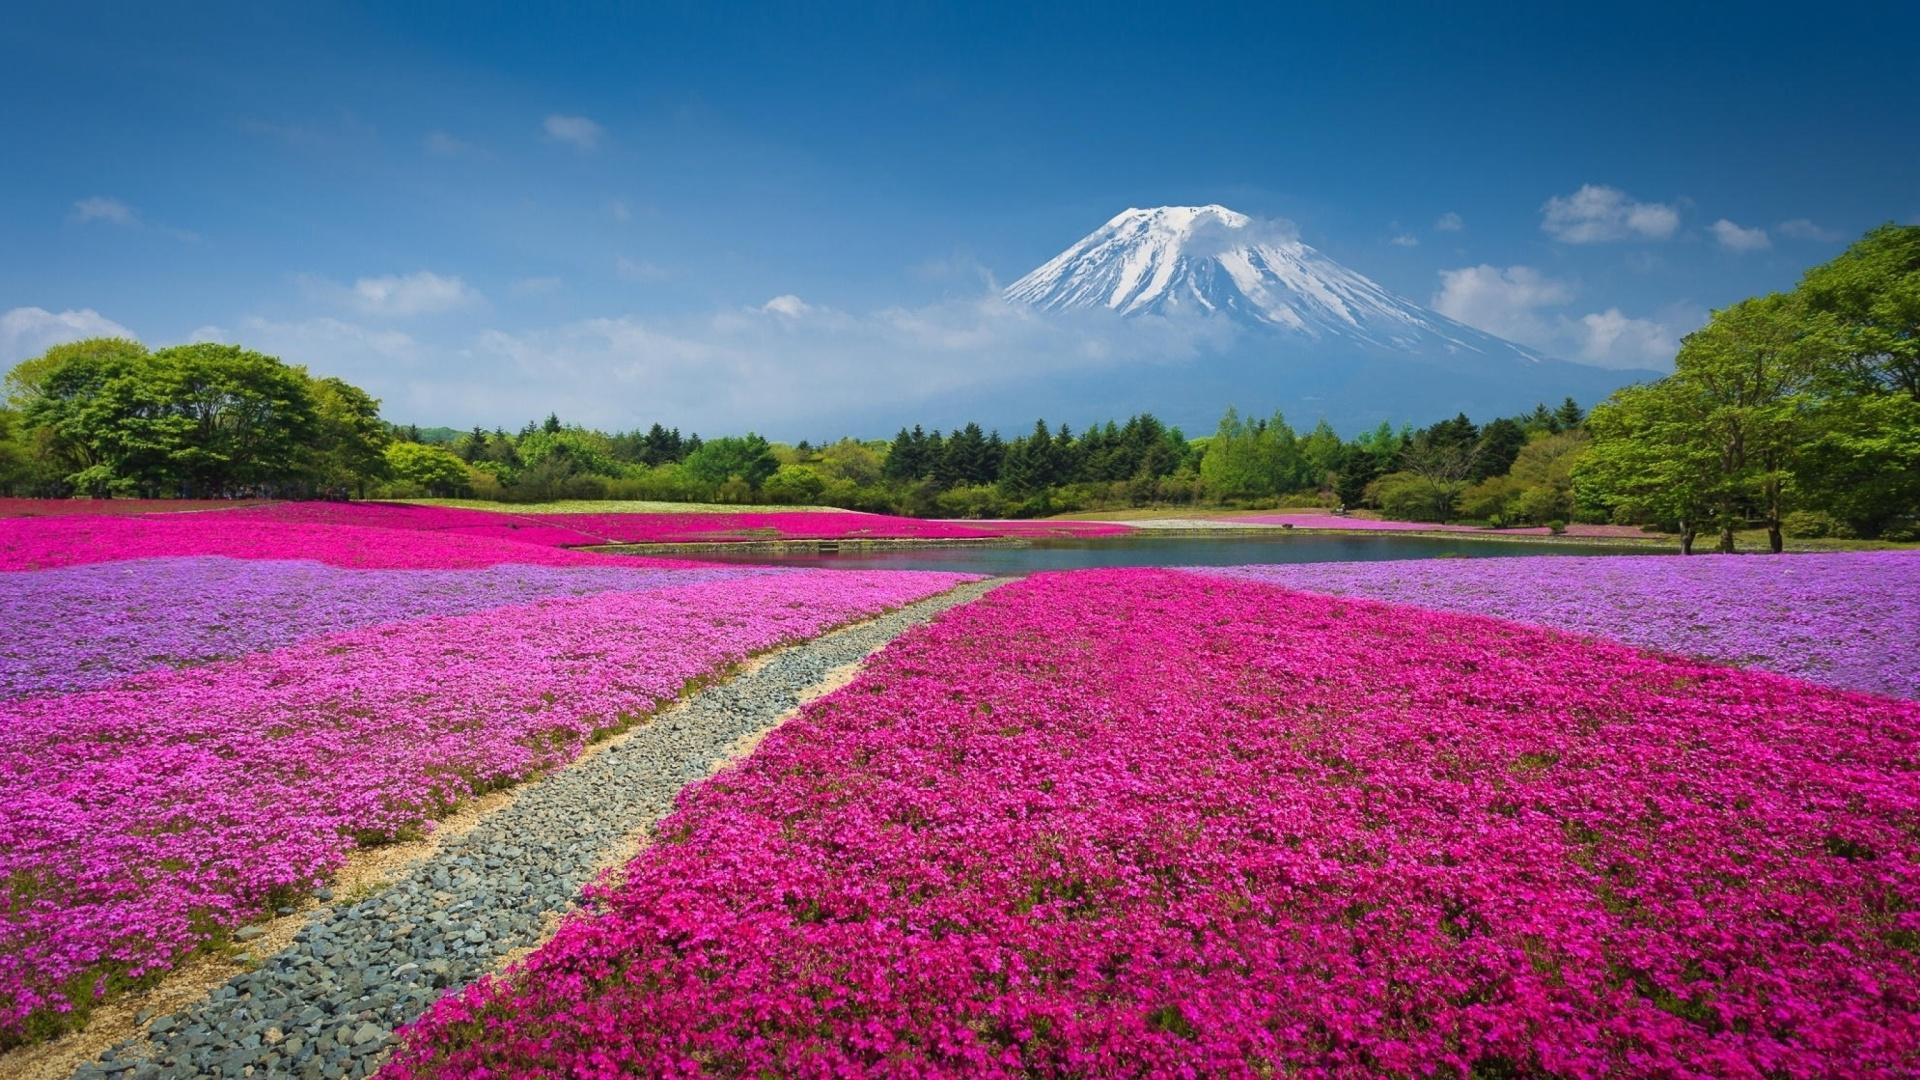 Japanese volcano in spring wallpaper for desktop 1920x1080 for Sfondi pc primavera